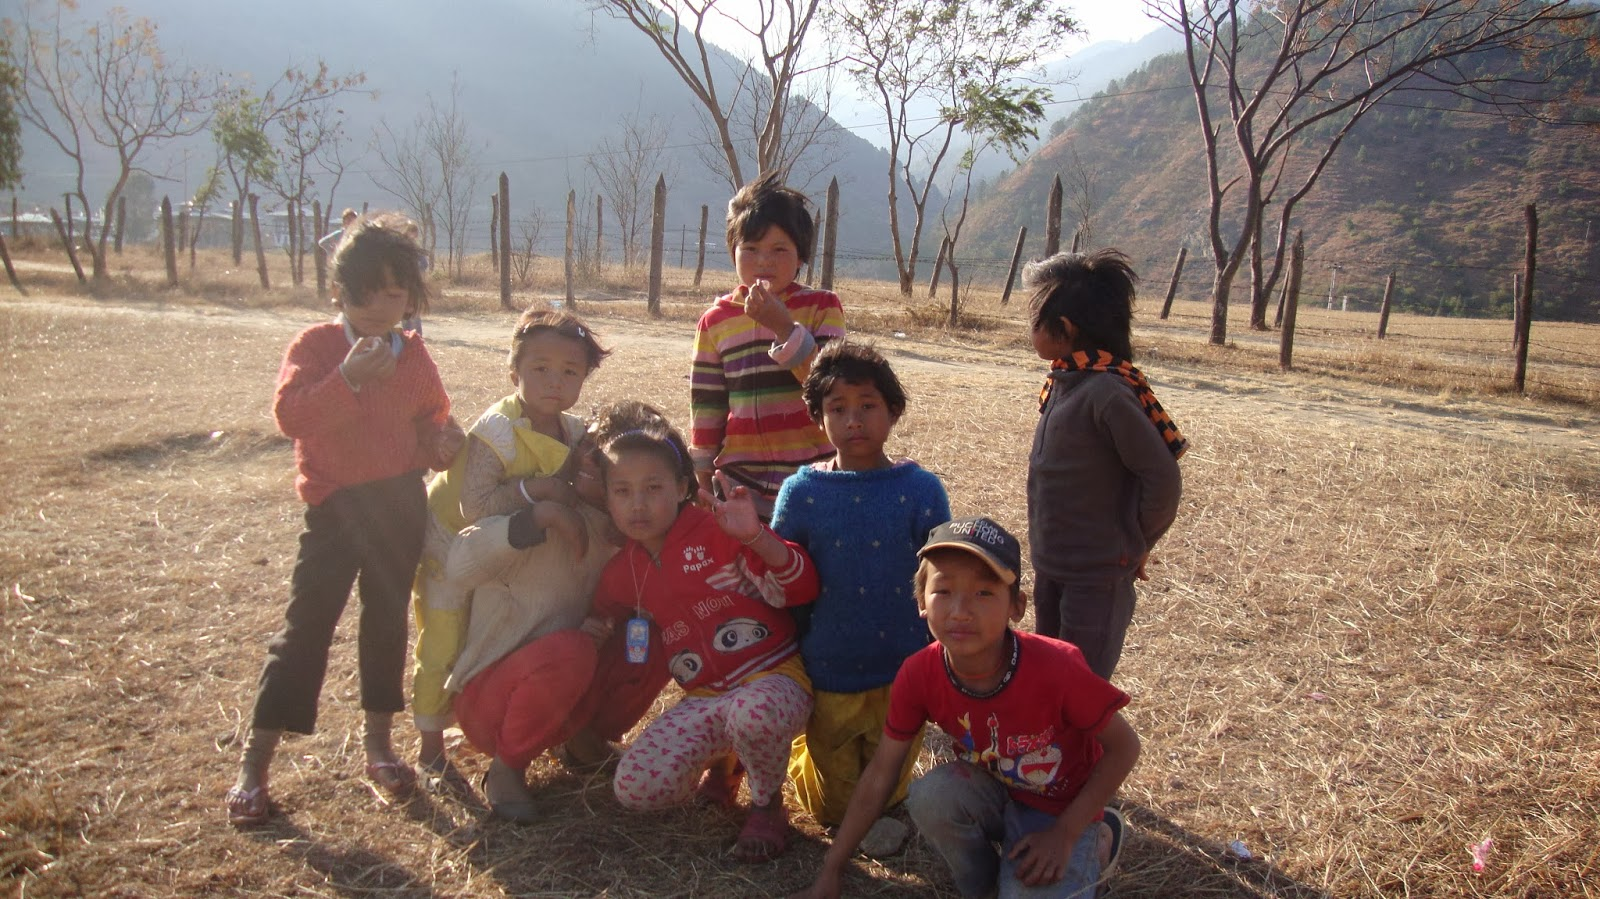 Joyful kids of Bhutan - the land of happiness